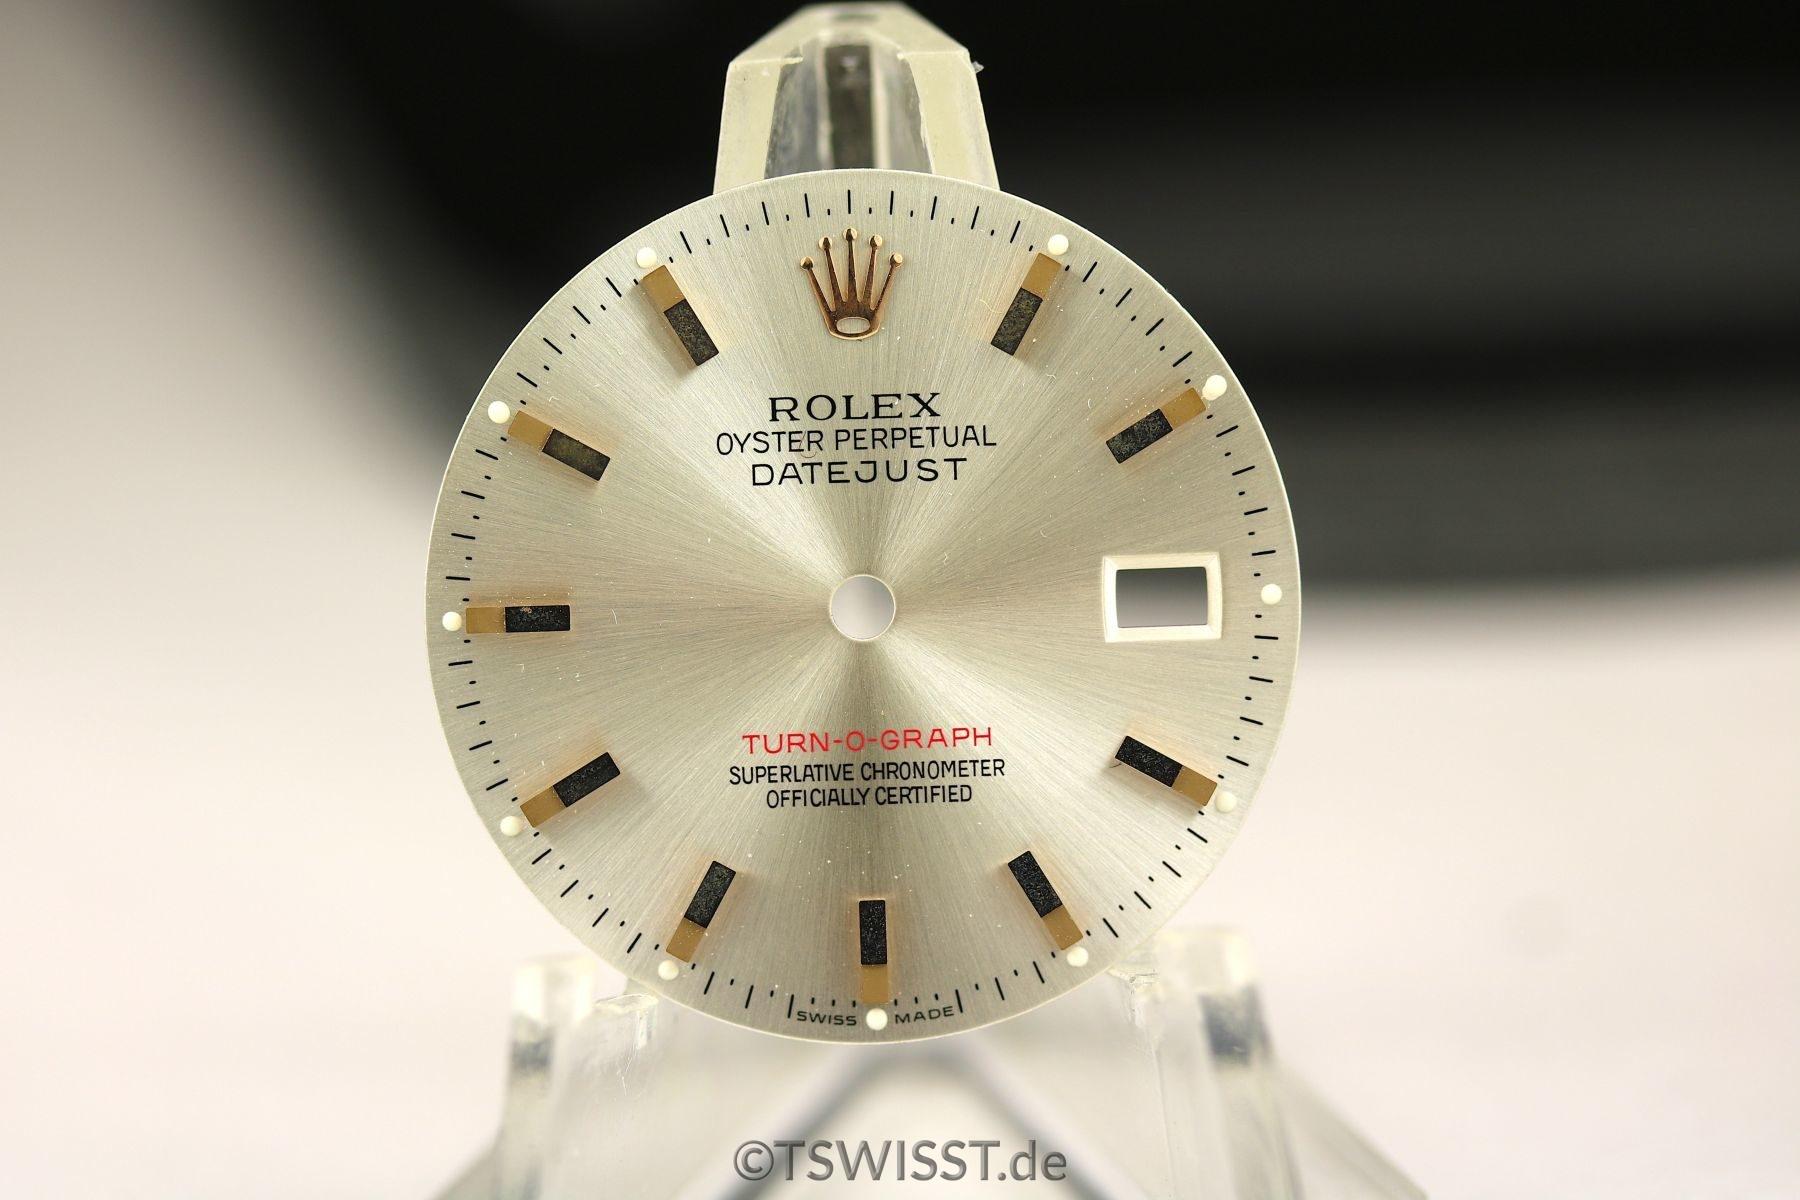 Rolex Turn-o-graph dial